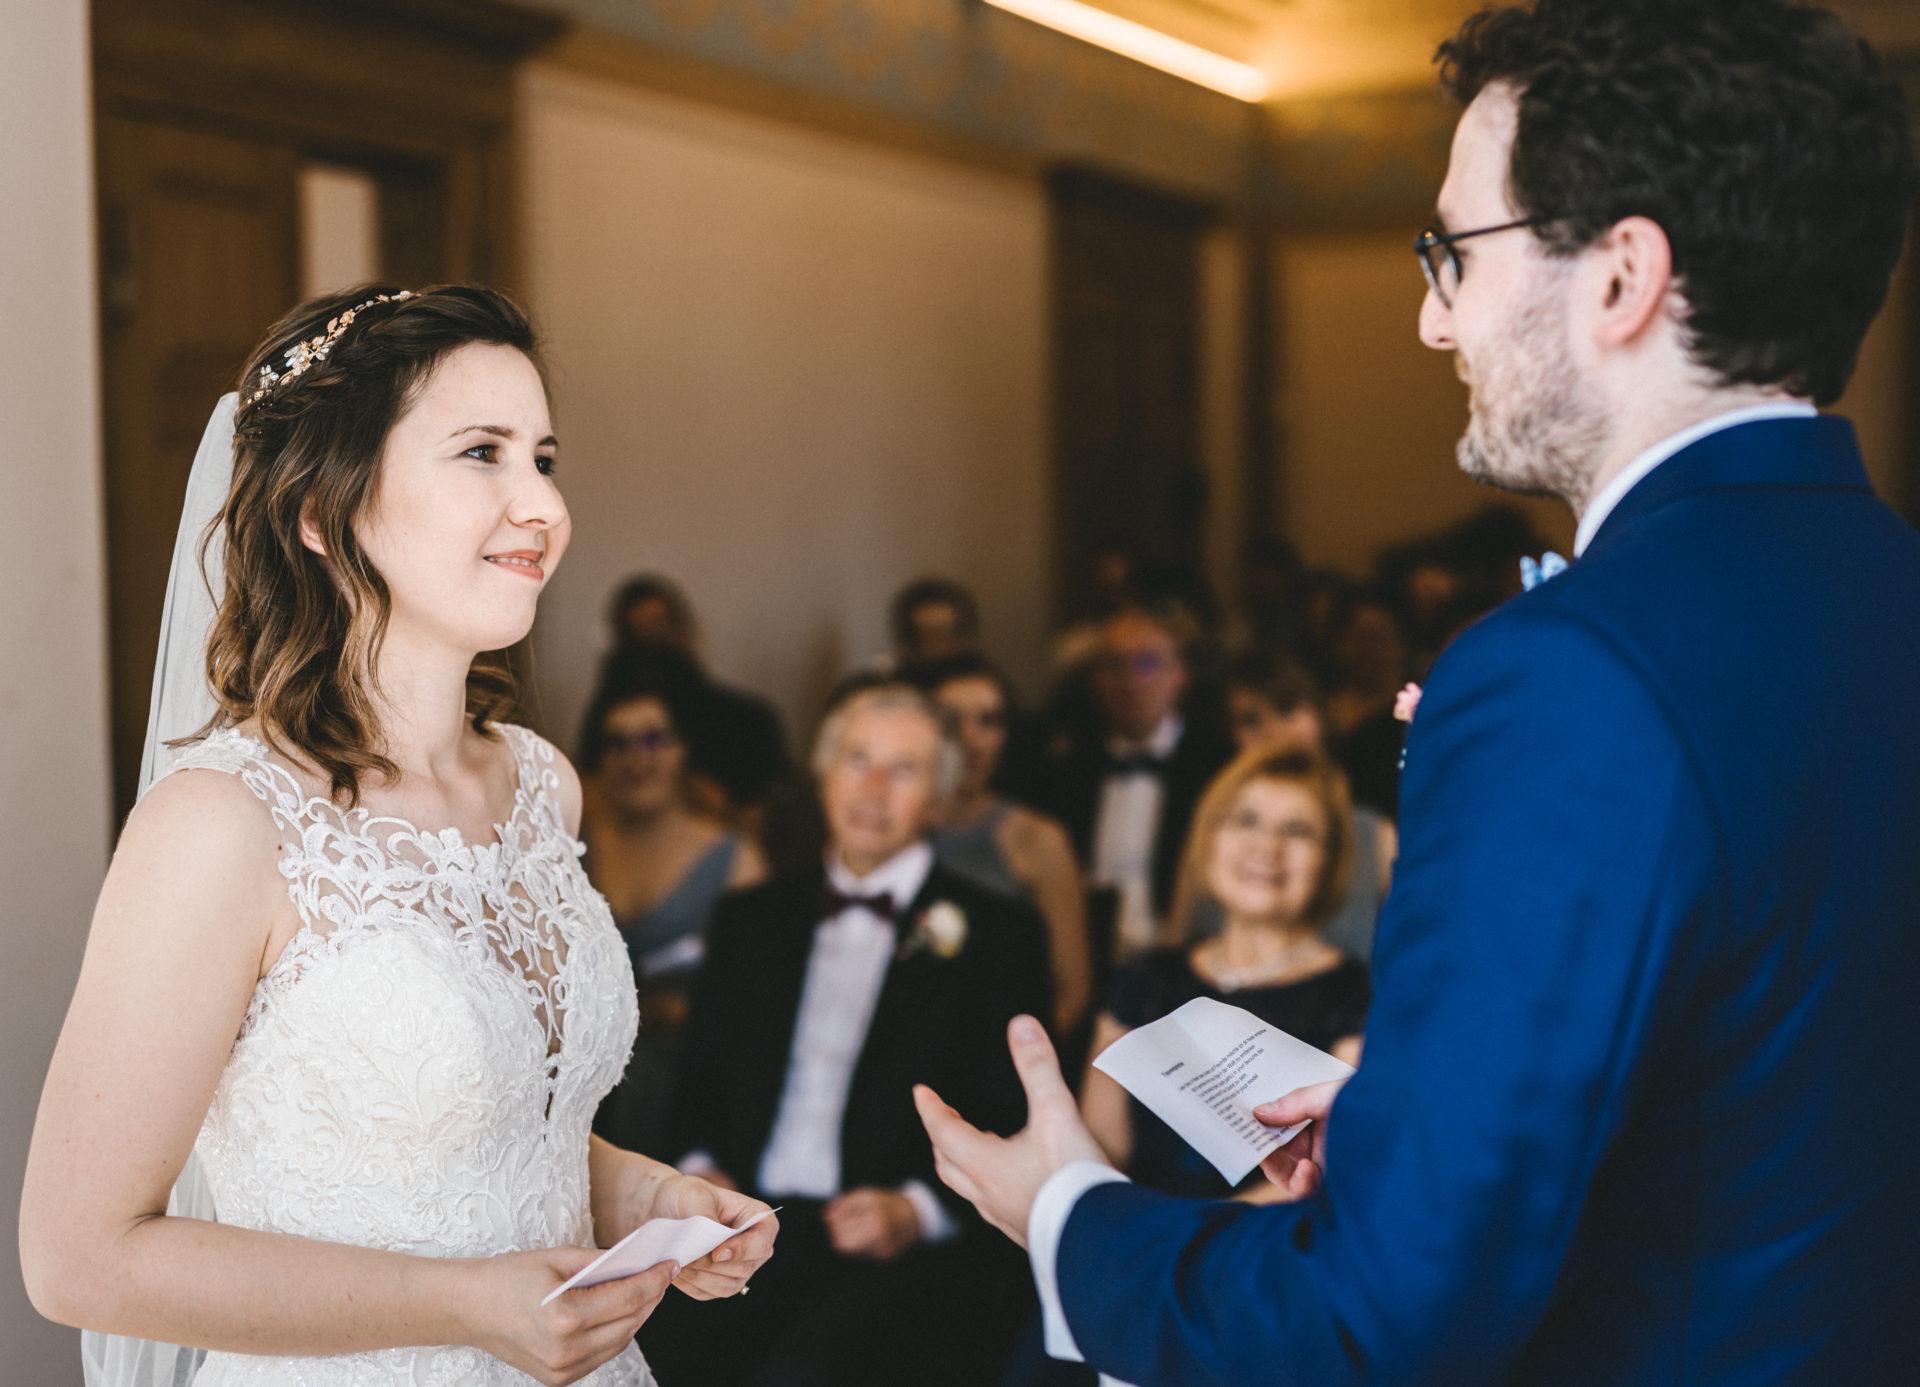 Hochzeitsreportage | Freie Trauung im Herrenhaus Möckern in Leipzig | 25